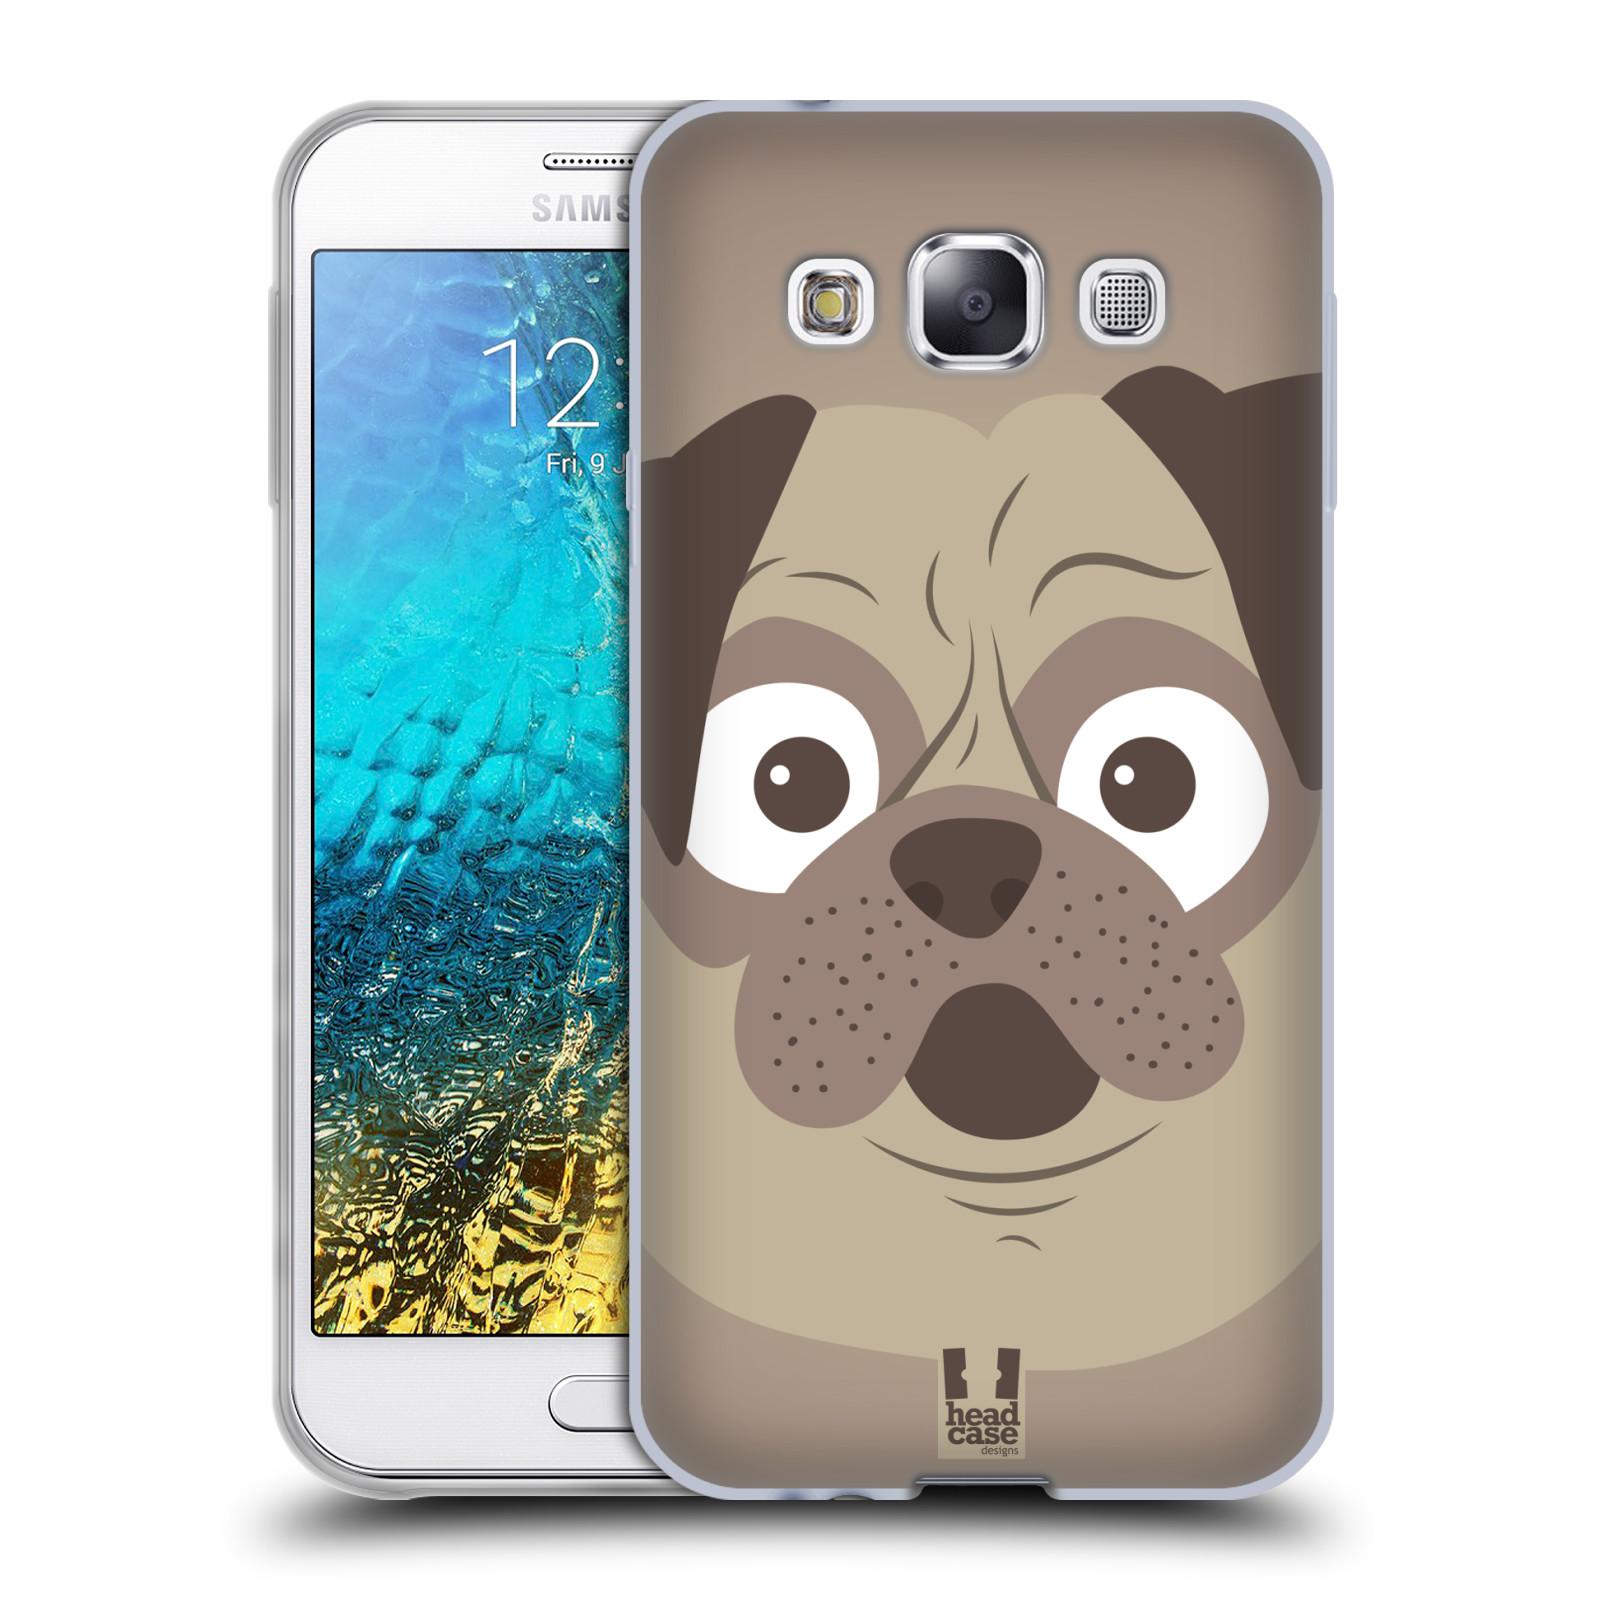 HEAD CASE silikonový obal na mobil Samsung Galaxy E5 vzor Cartoon Karikatura barevná kreslená zvířátka pes mopsík